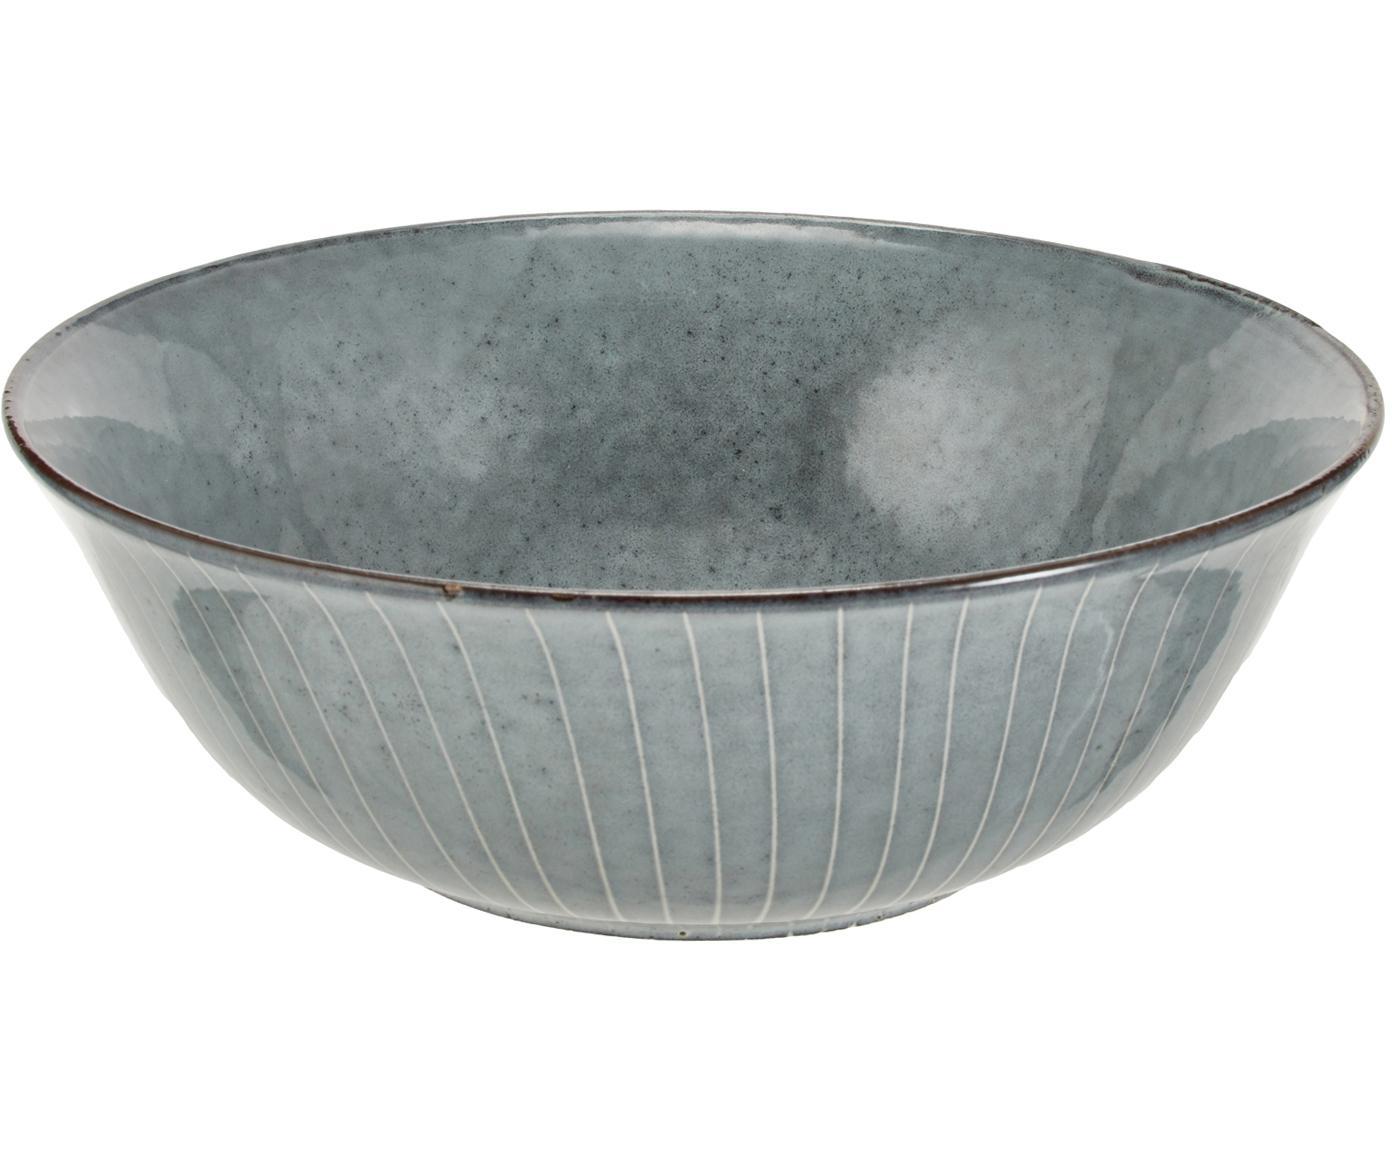 Artesanal bol Nordic Sea, Gres, Tonos de gris y azul, Ø 21 x Al 8 cm